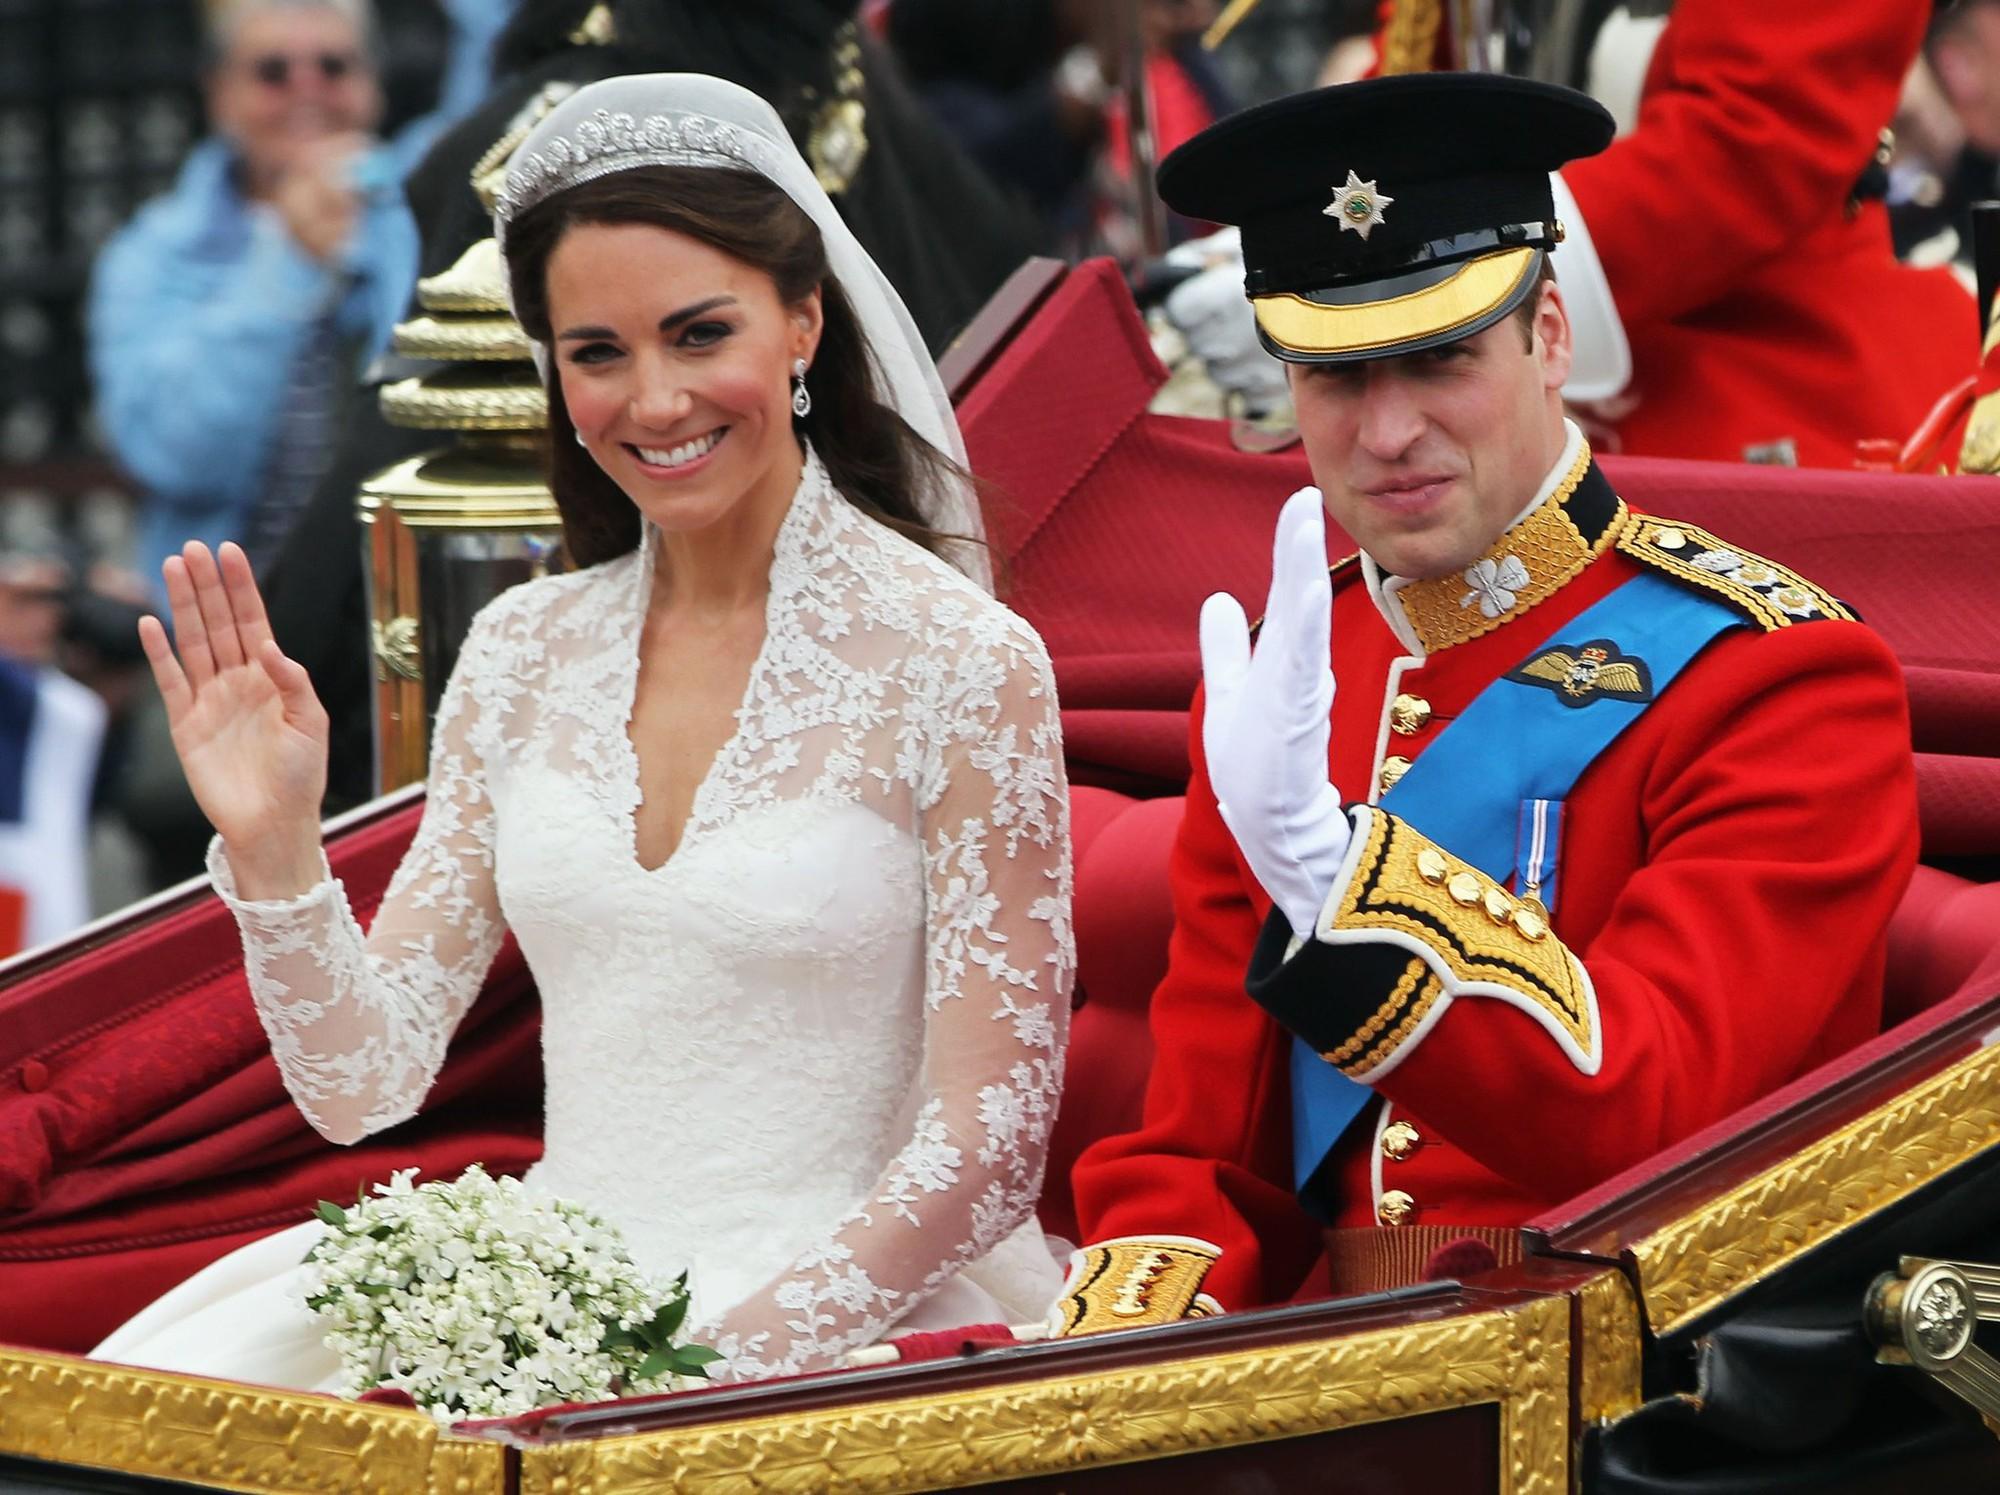 Chính bộ váy xuyên thấu táo bạo này đã phá vỡ friendzone giữa Kate Middleton và Hoàng tử William - Ảnh 4.